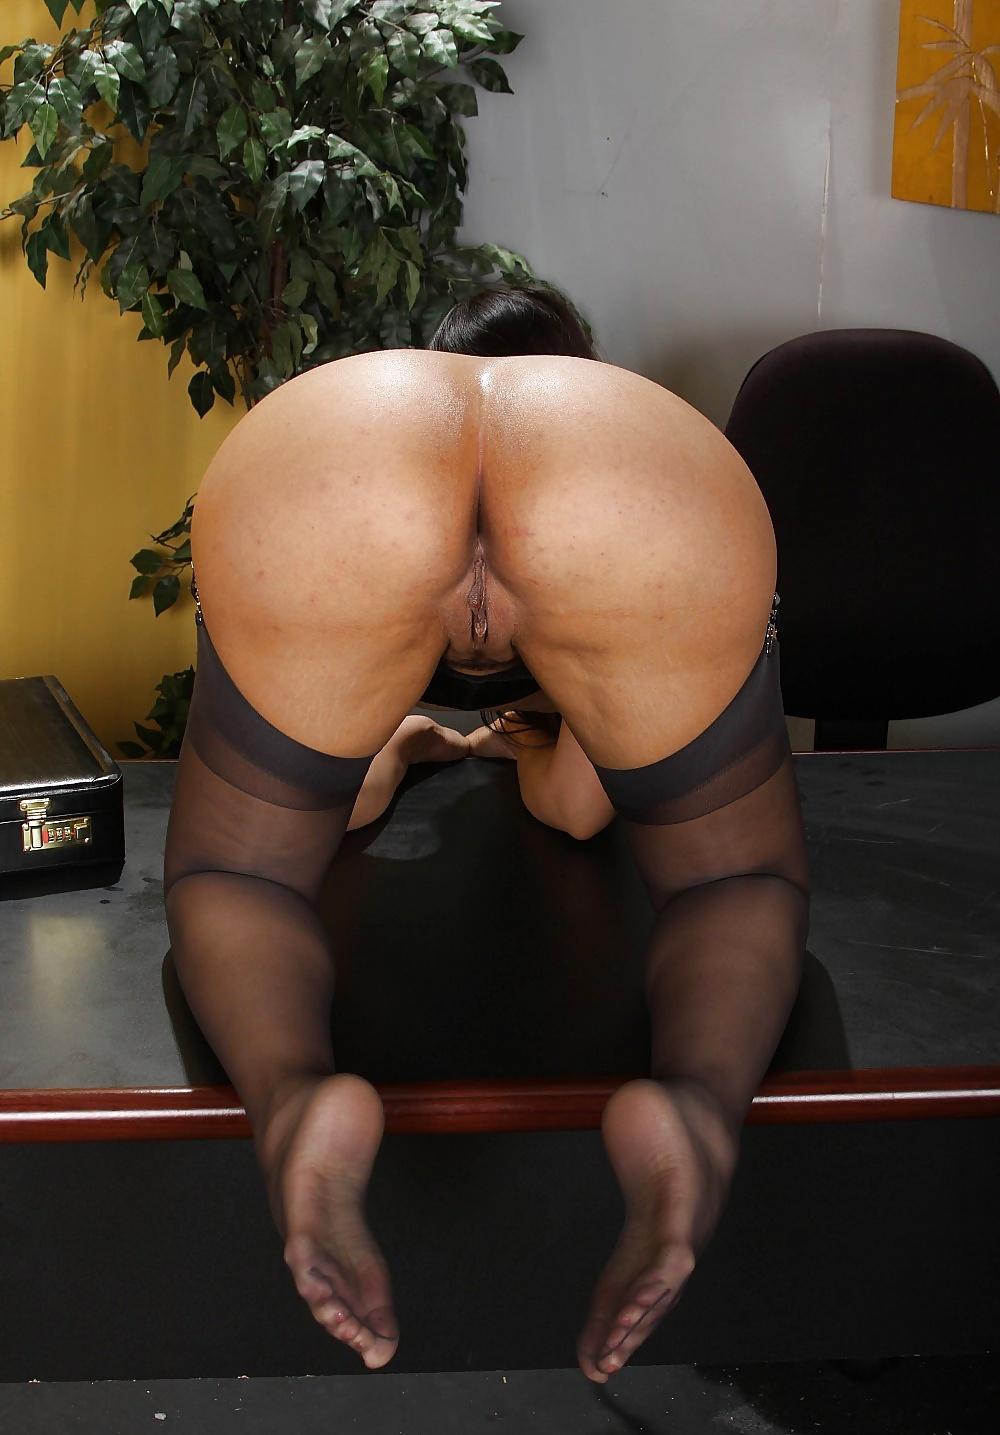 Die Hure macht Produktion mit ihrem Arsch auf dem Tisch des Chefs. - Bild 9